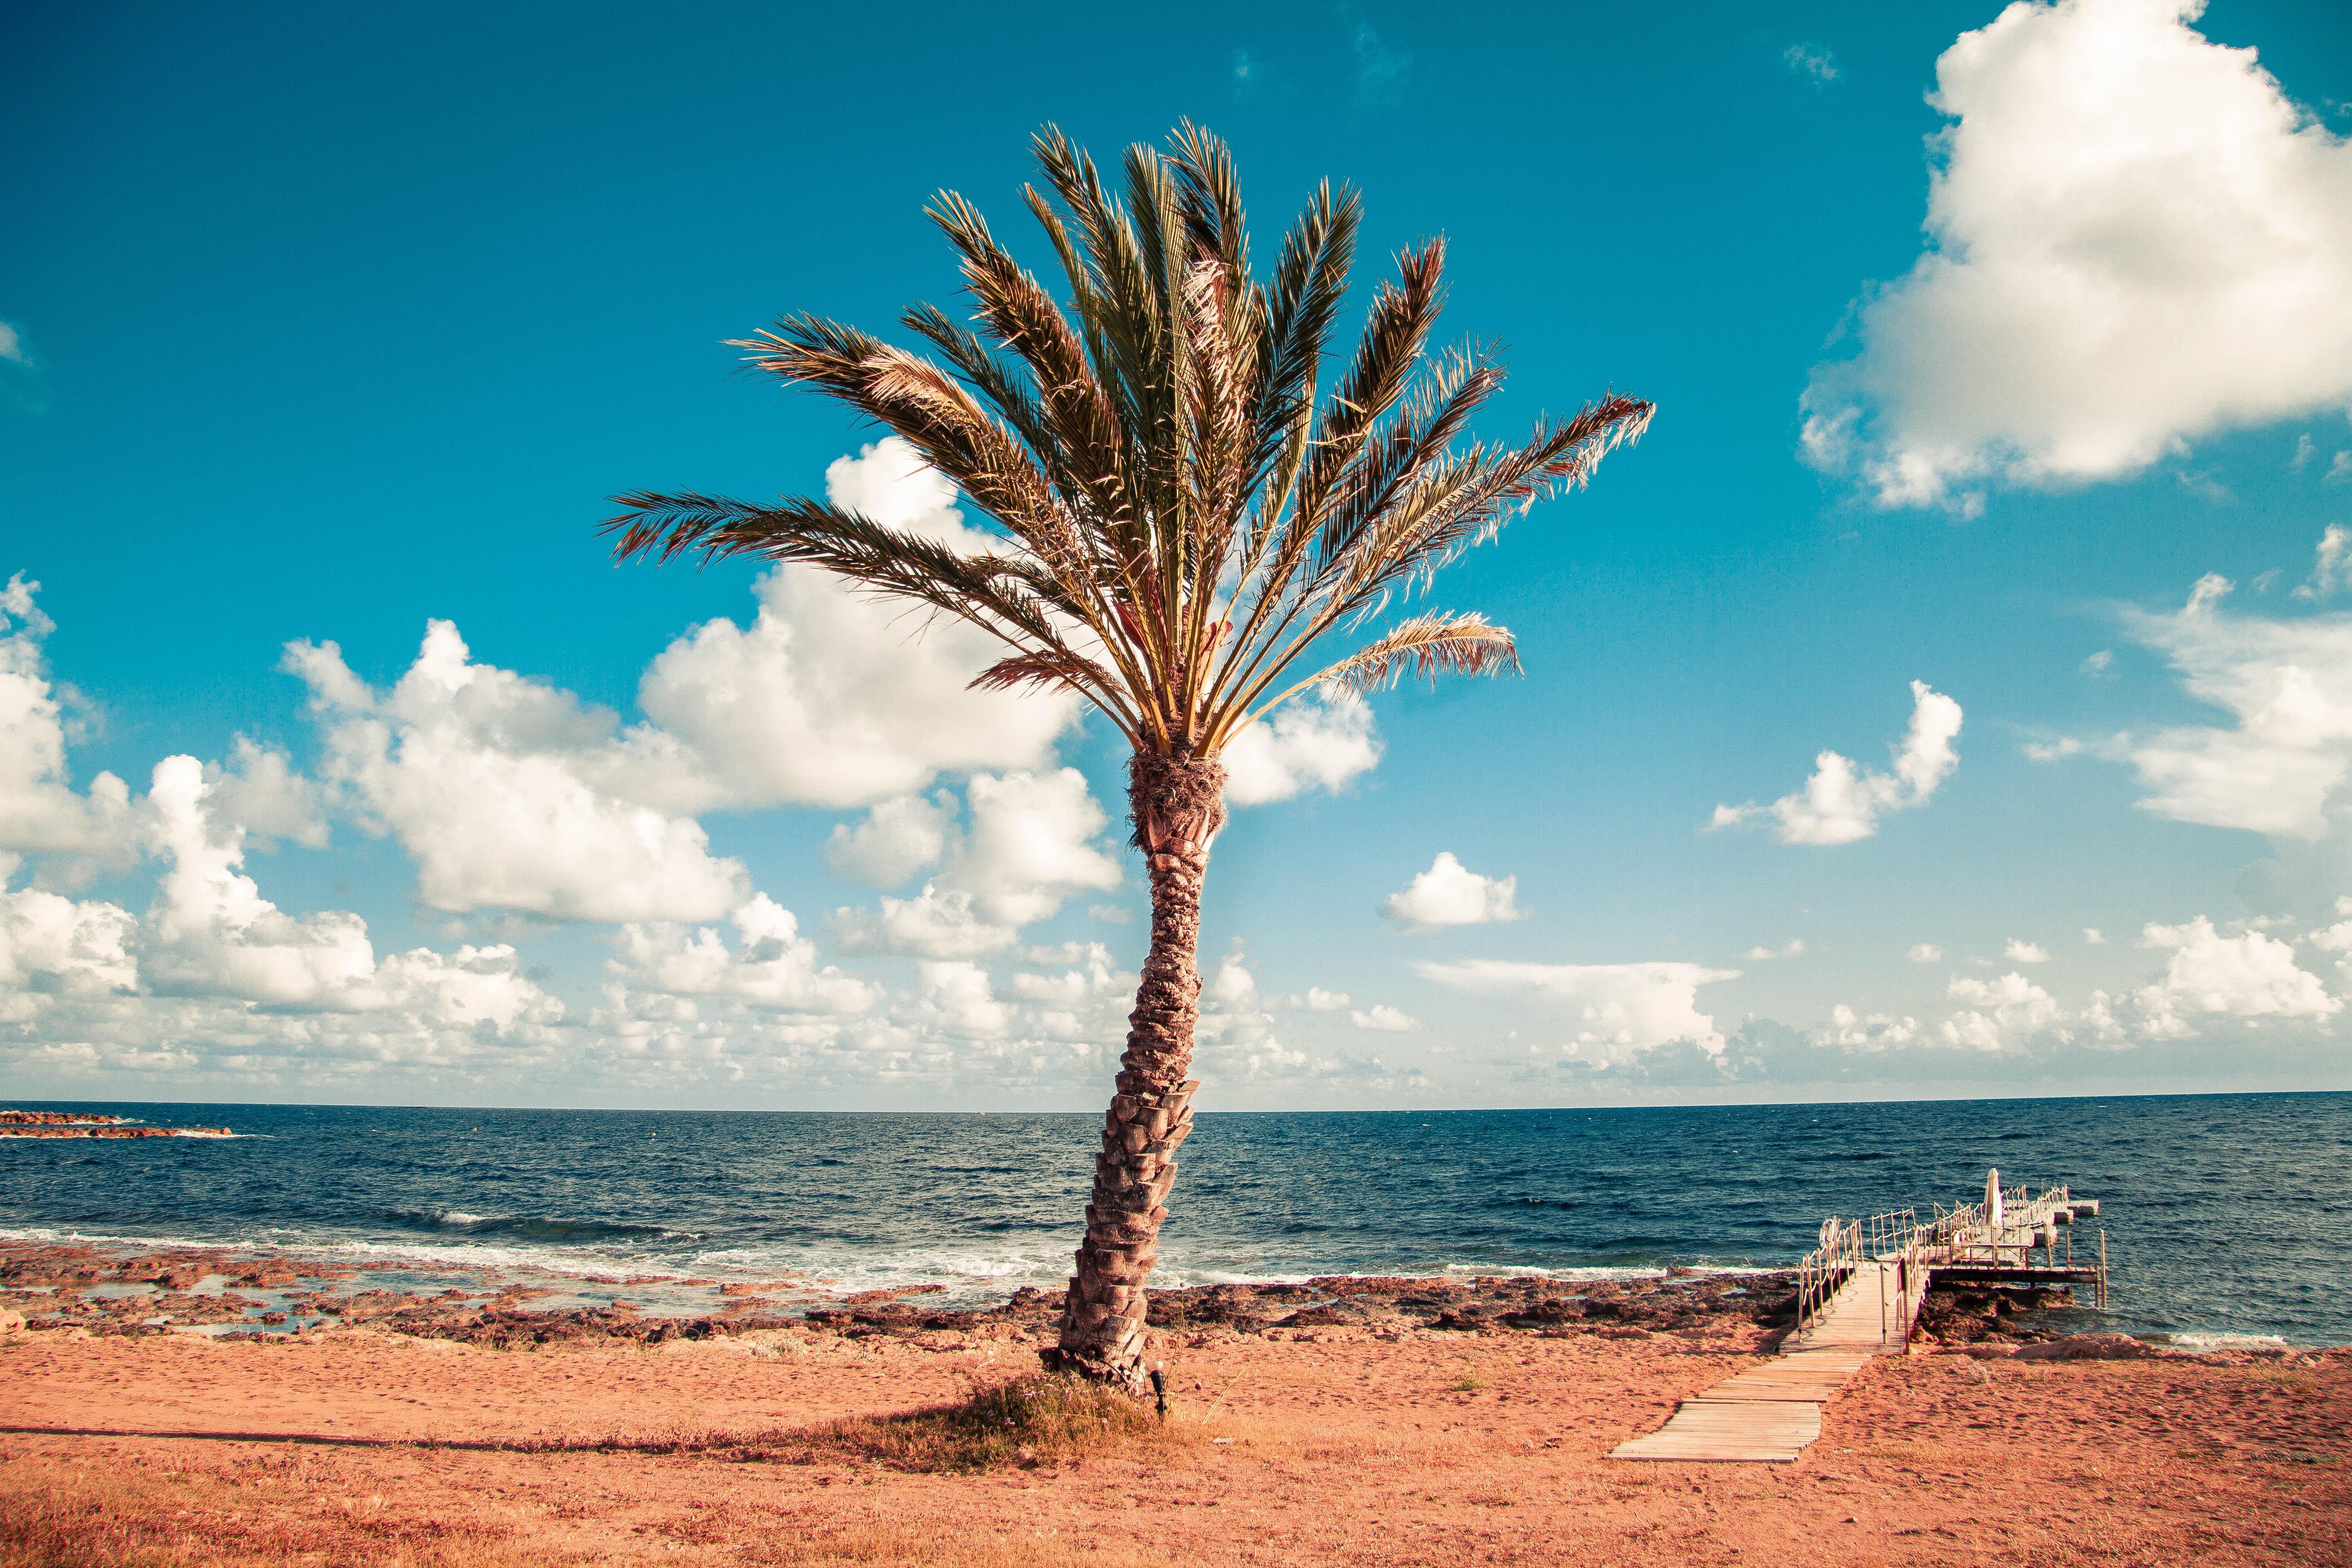 кіпр пальма на пляжі